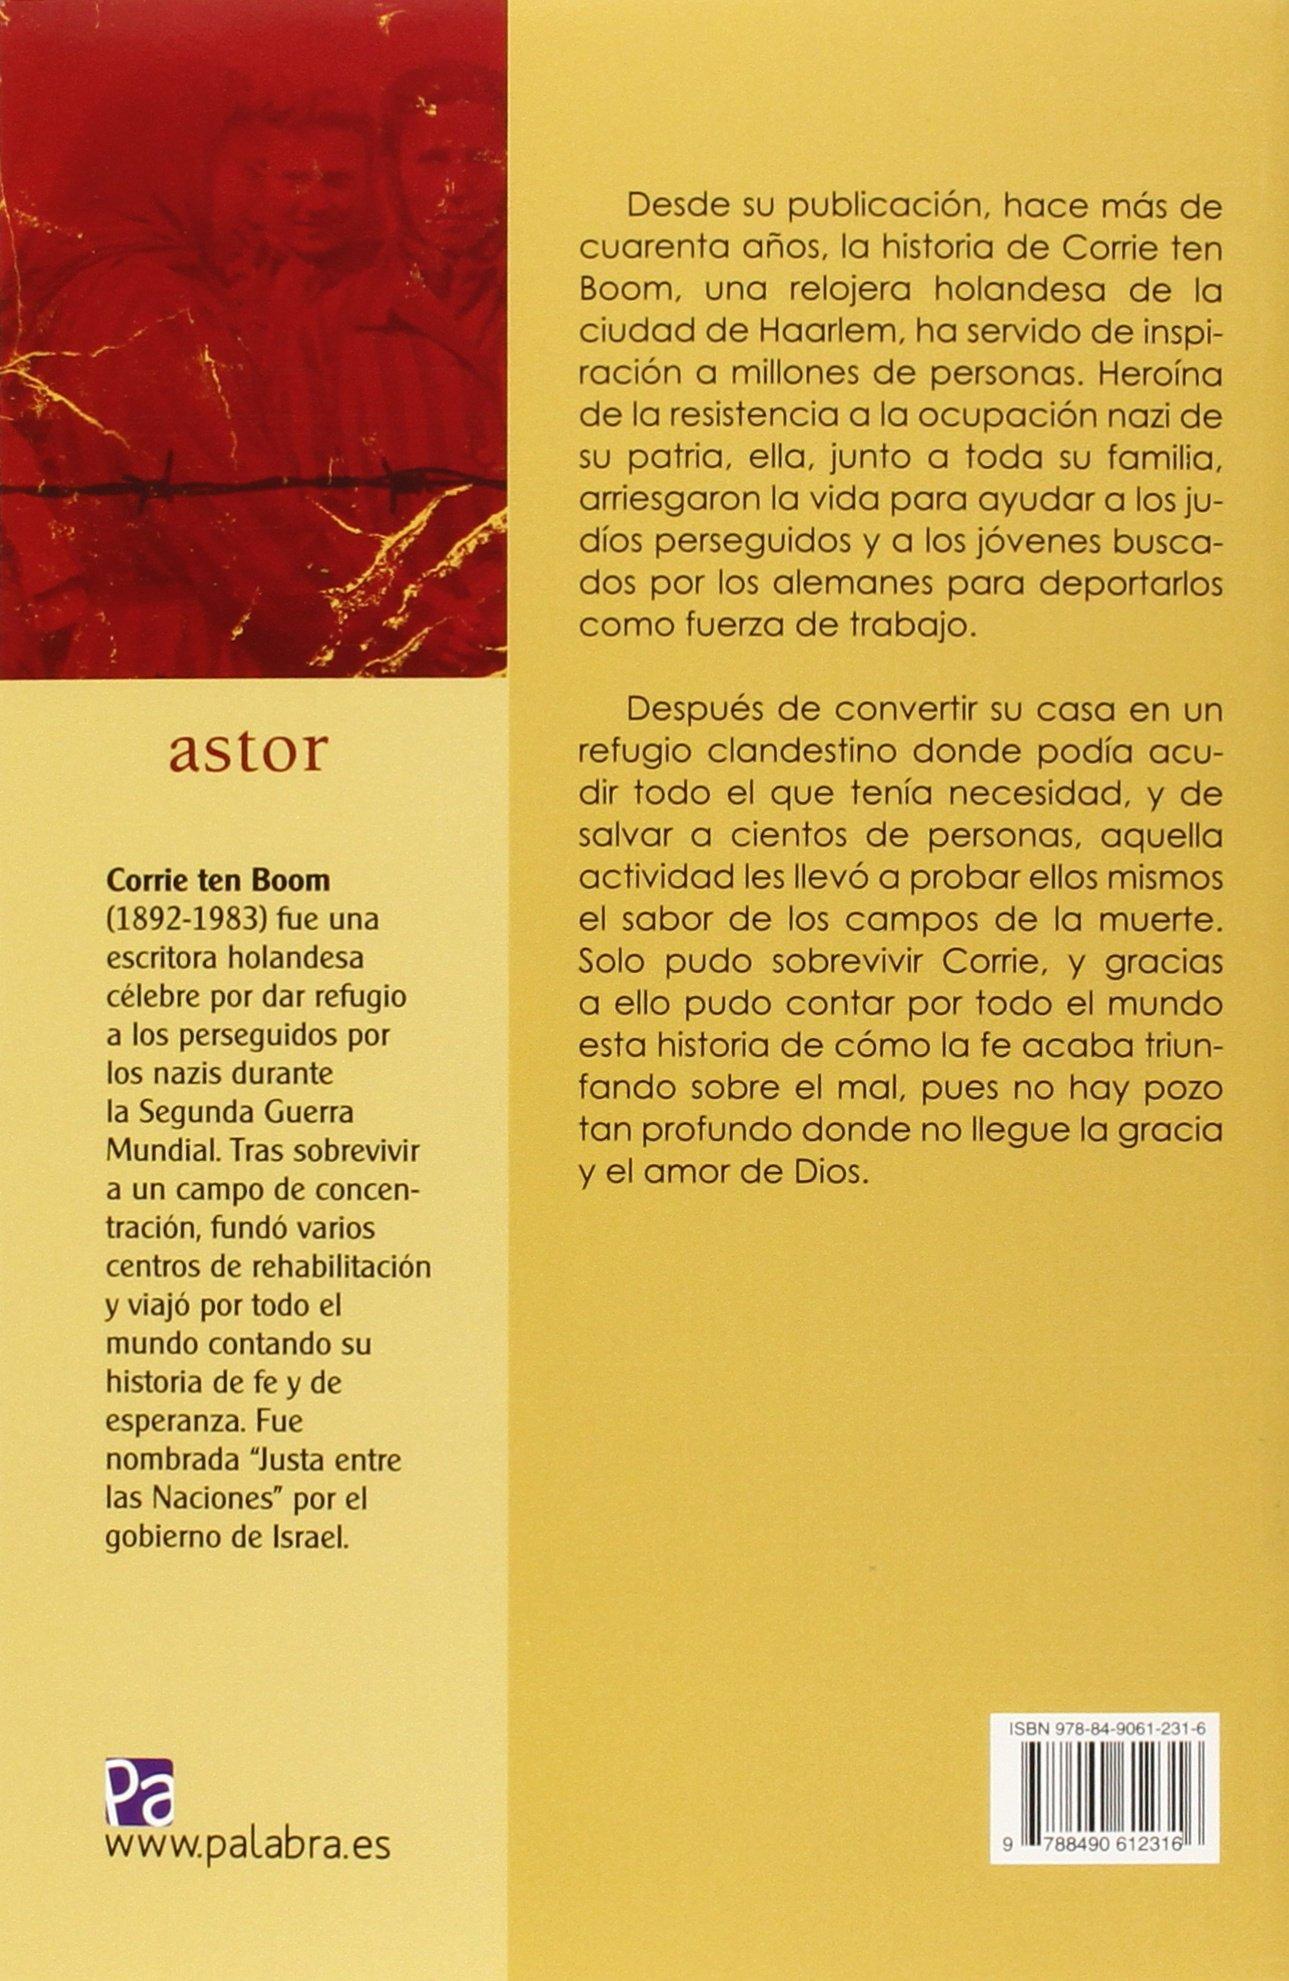 El refugio secreto (Astor): Amazon.es: Boom, Corrie ten, Ostos García, Raúl, Sherrill, Elizabeth, Sherrill, John, Santiago Rodríguez, Felicitas: Libros